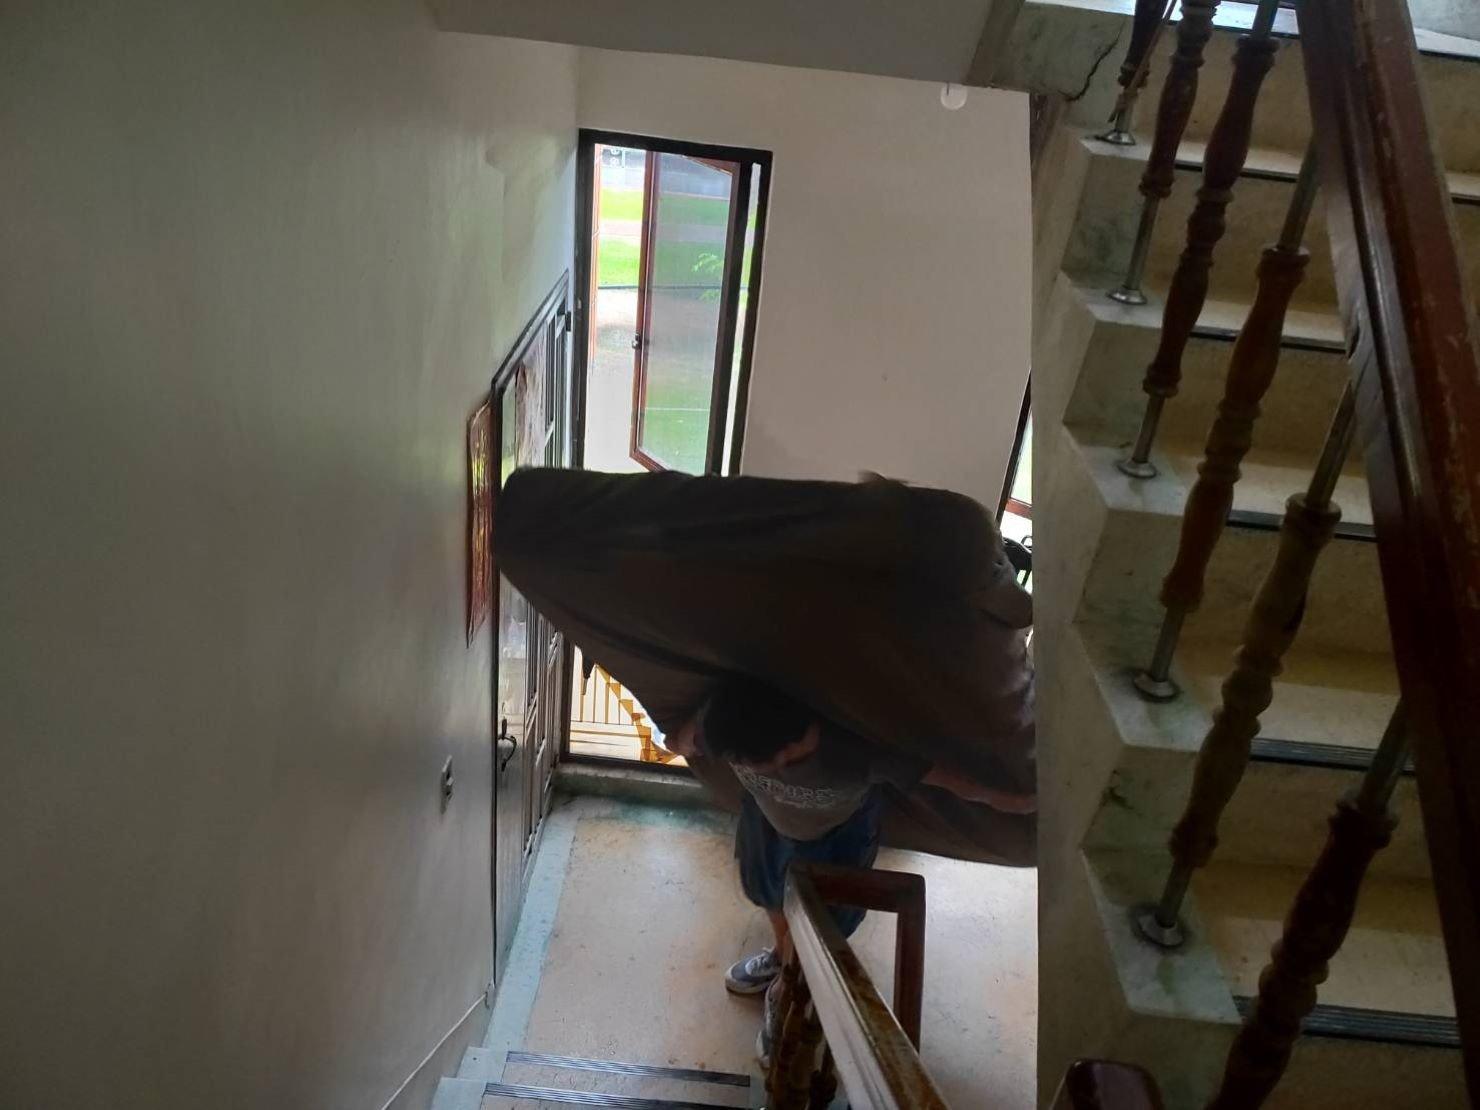 桃園搬家推薦【榮福搬家公司】值得您的信賴與選擇:雙人床墊會先包覆榮福搬家床墊專用保護套,再以倒著走的方式揹下樓。